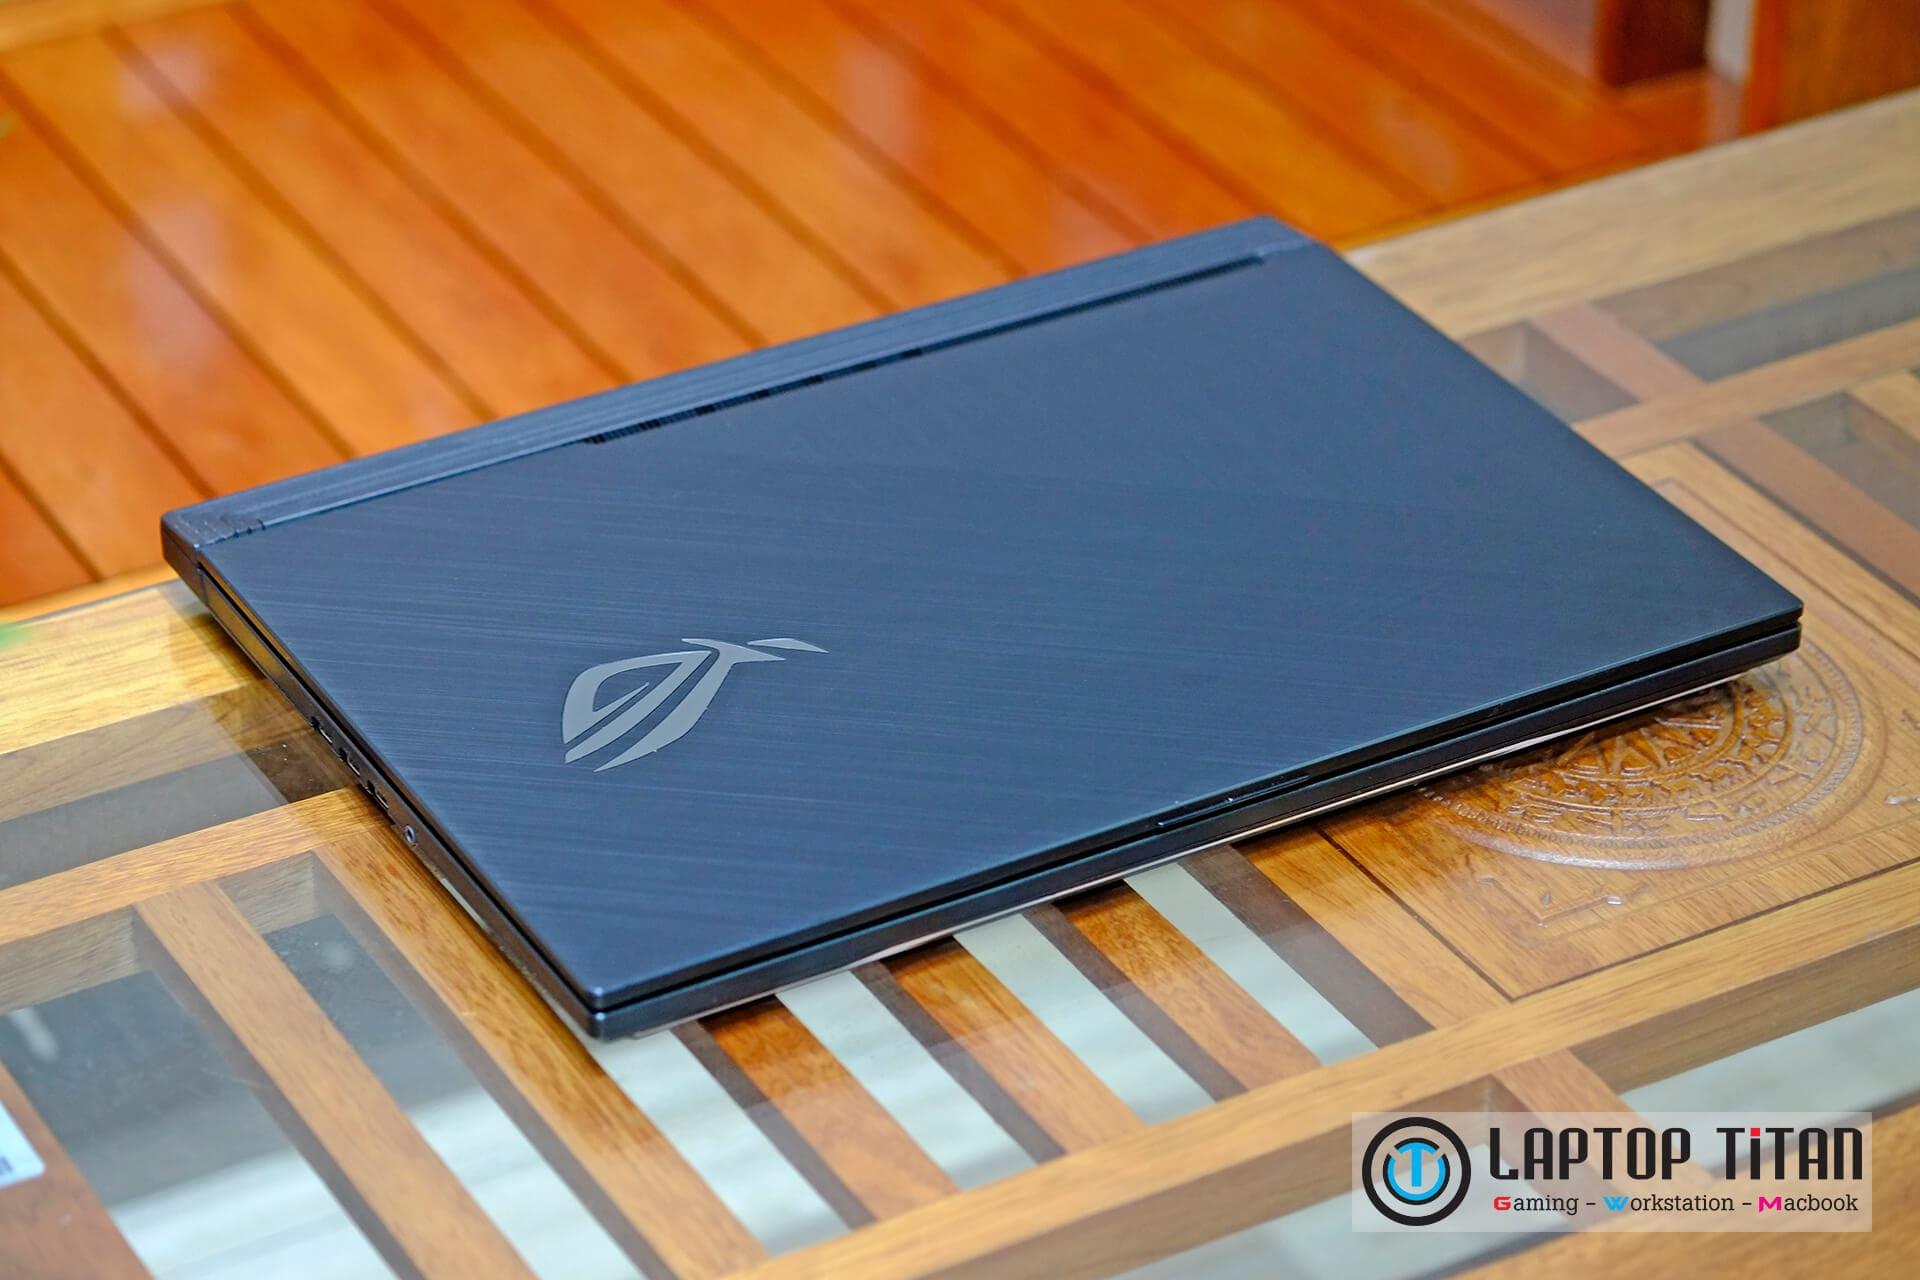 Asus Rog Strix G731 Laptoptitan 04